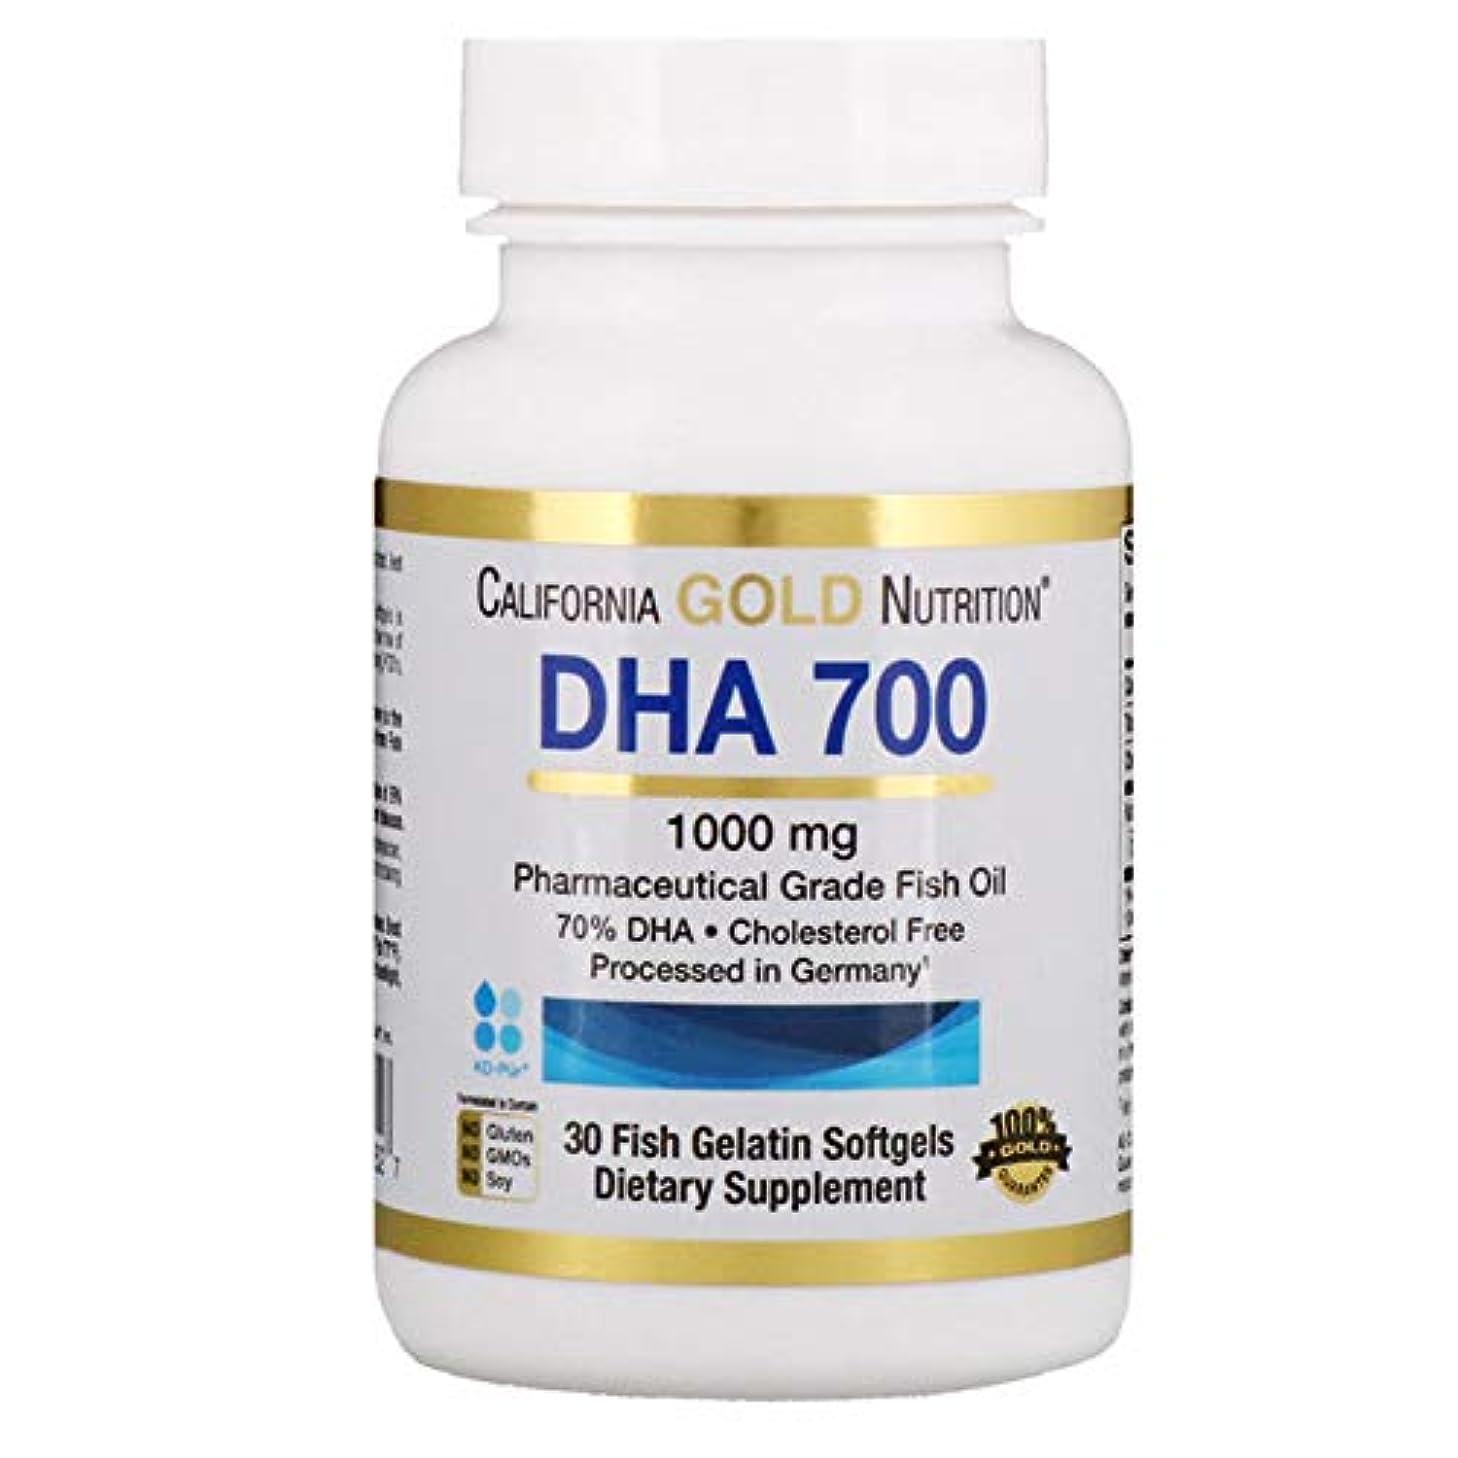 オール番目爆発するCalifornia Gold Nutrition DHA 700 フィッシュオイル 医薬品グレード 1000 mg 魚ゼラチンソフトジェル 30個 【アメリカ直送】